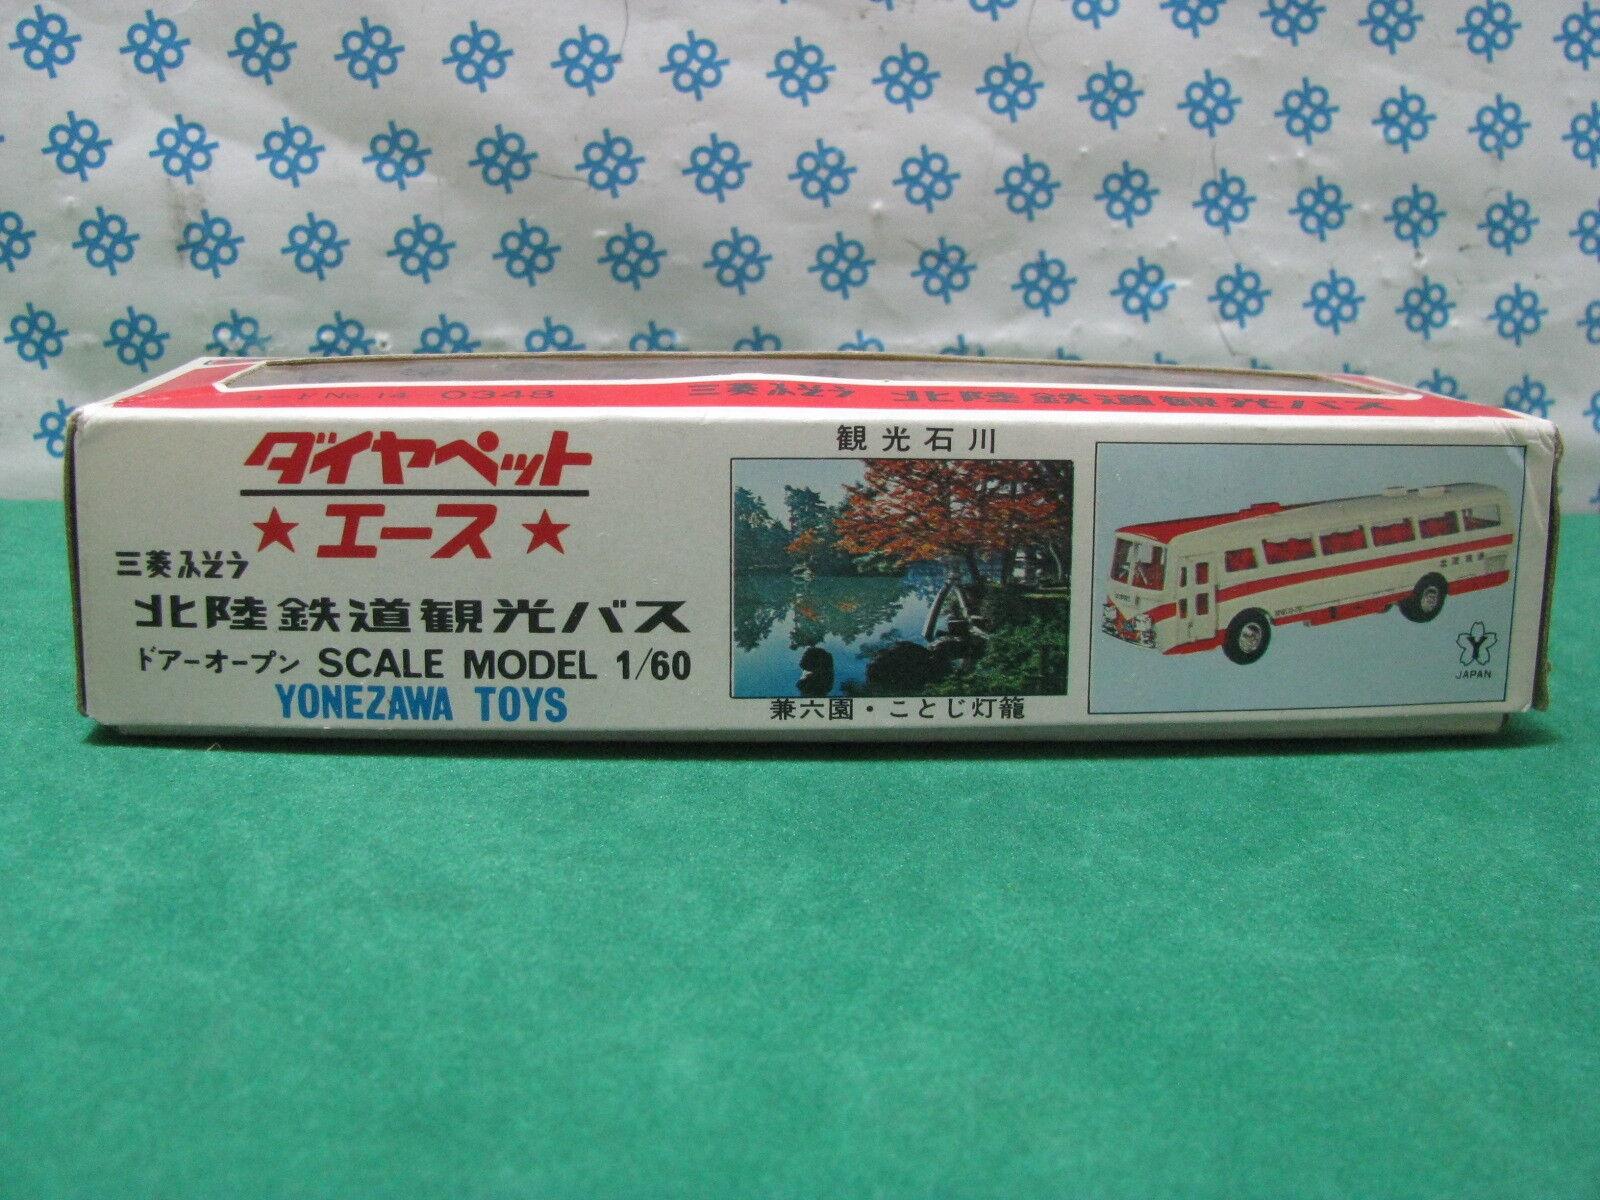 Box box para para Diamond pet bus 14-0348 - 1 60 Diapet-Yonezawa T